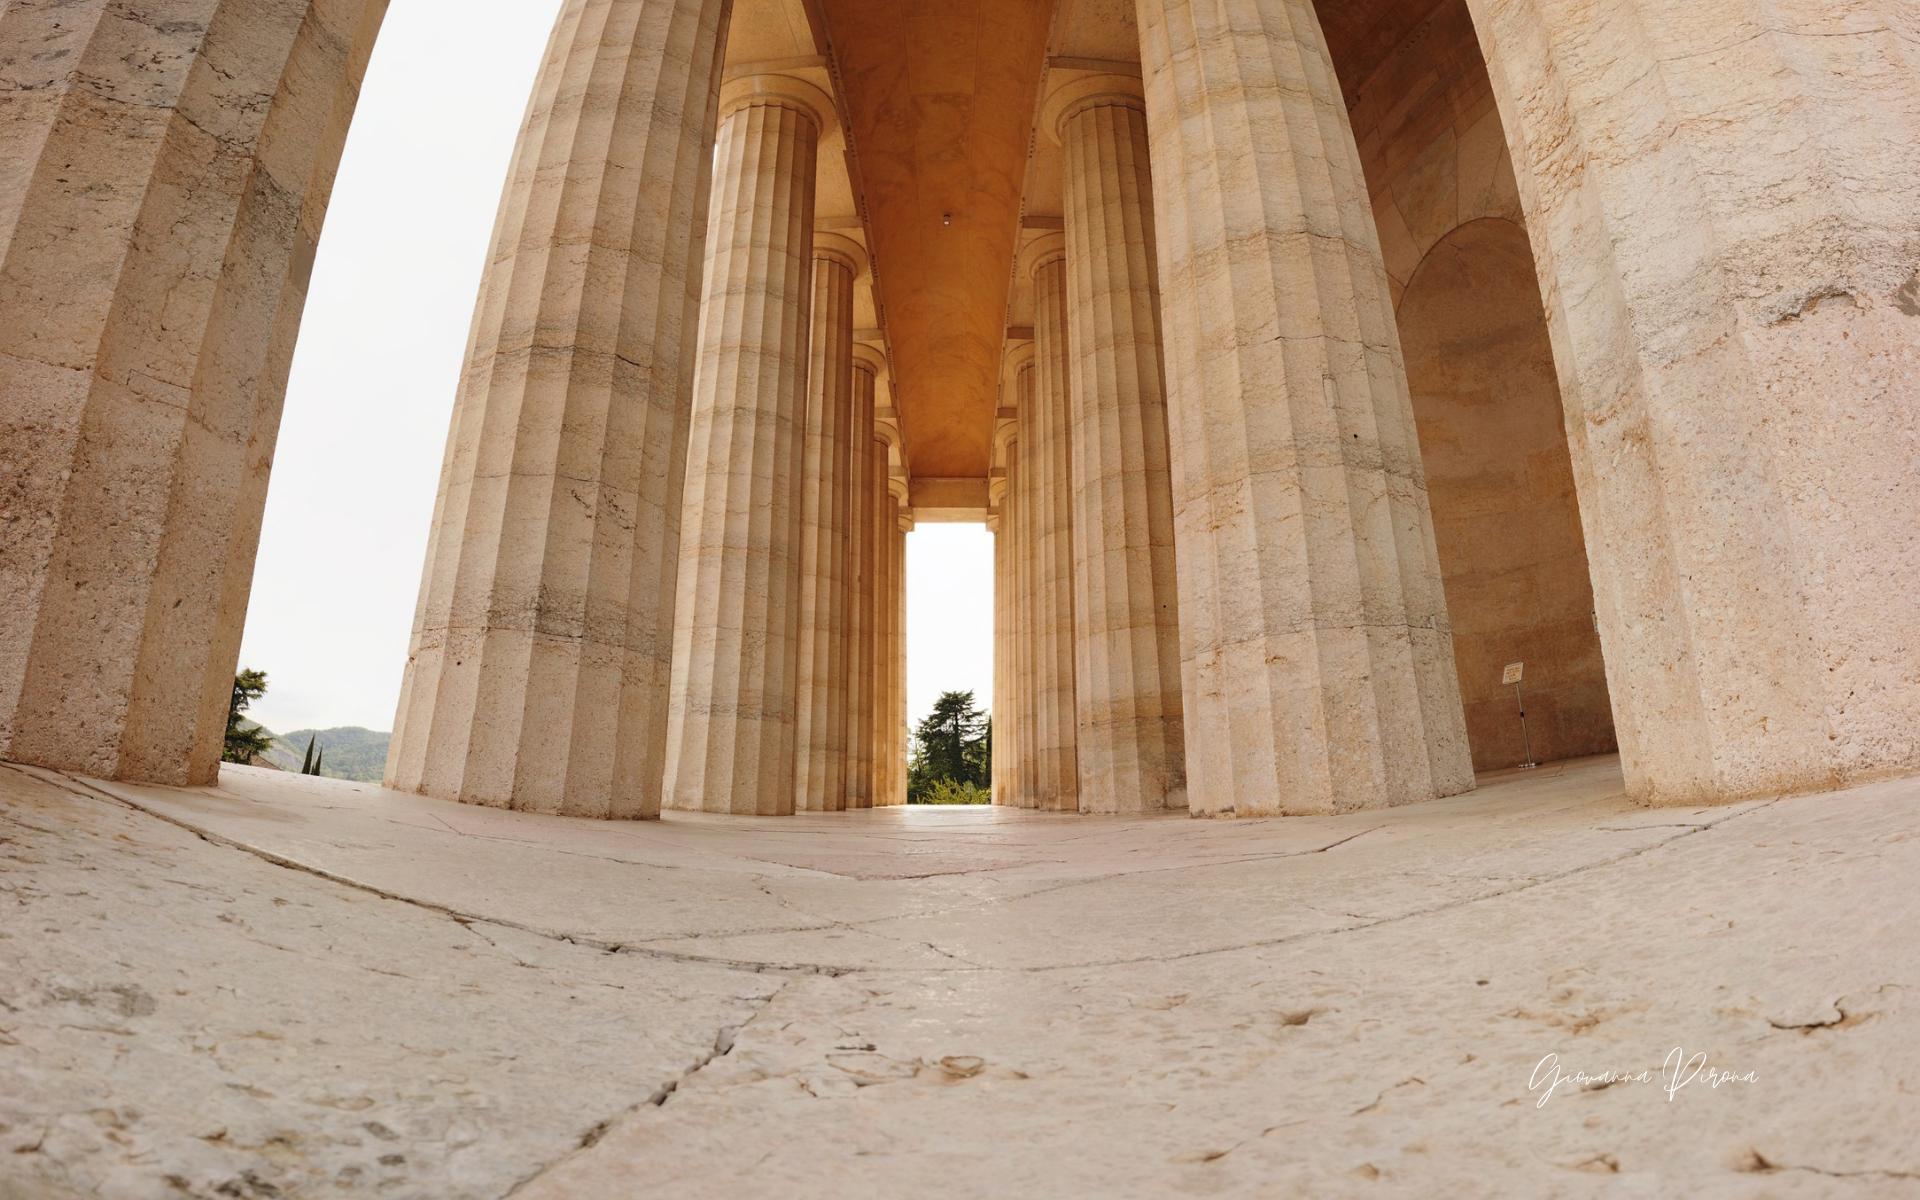 Colonne doriche del Tempio di Canova a Possagno (TV)